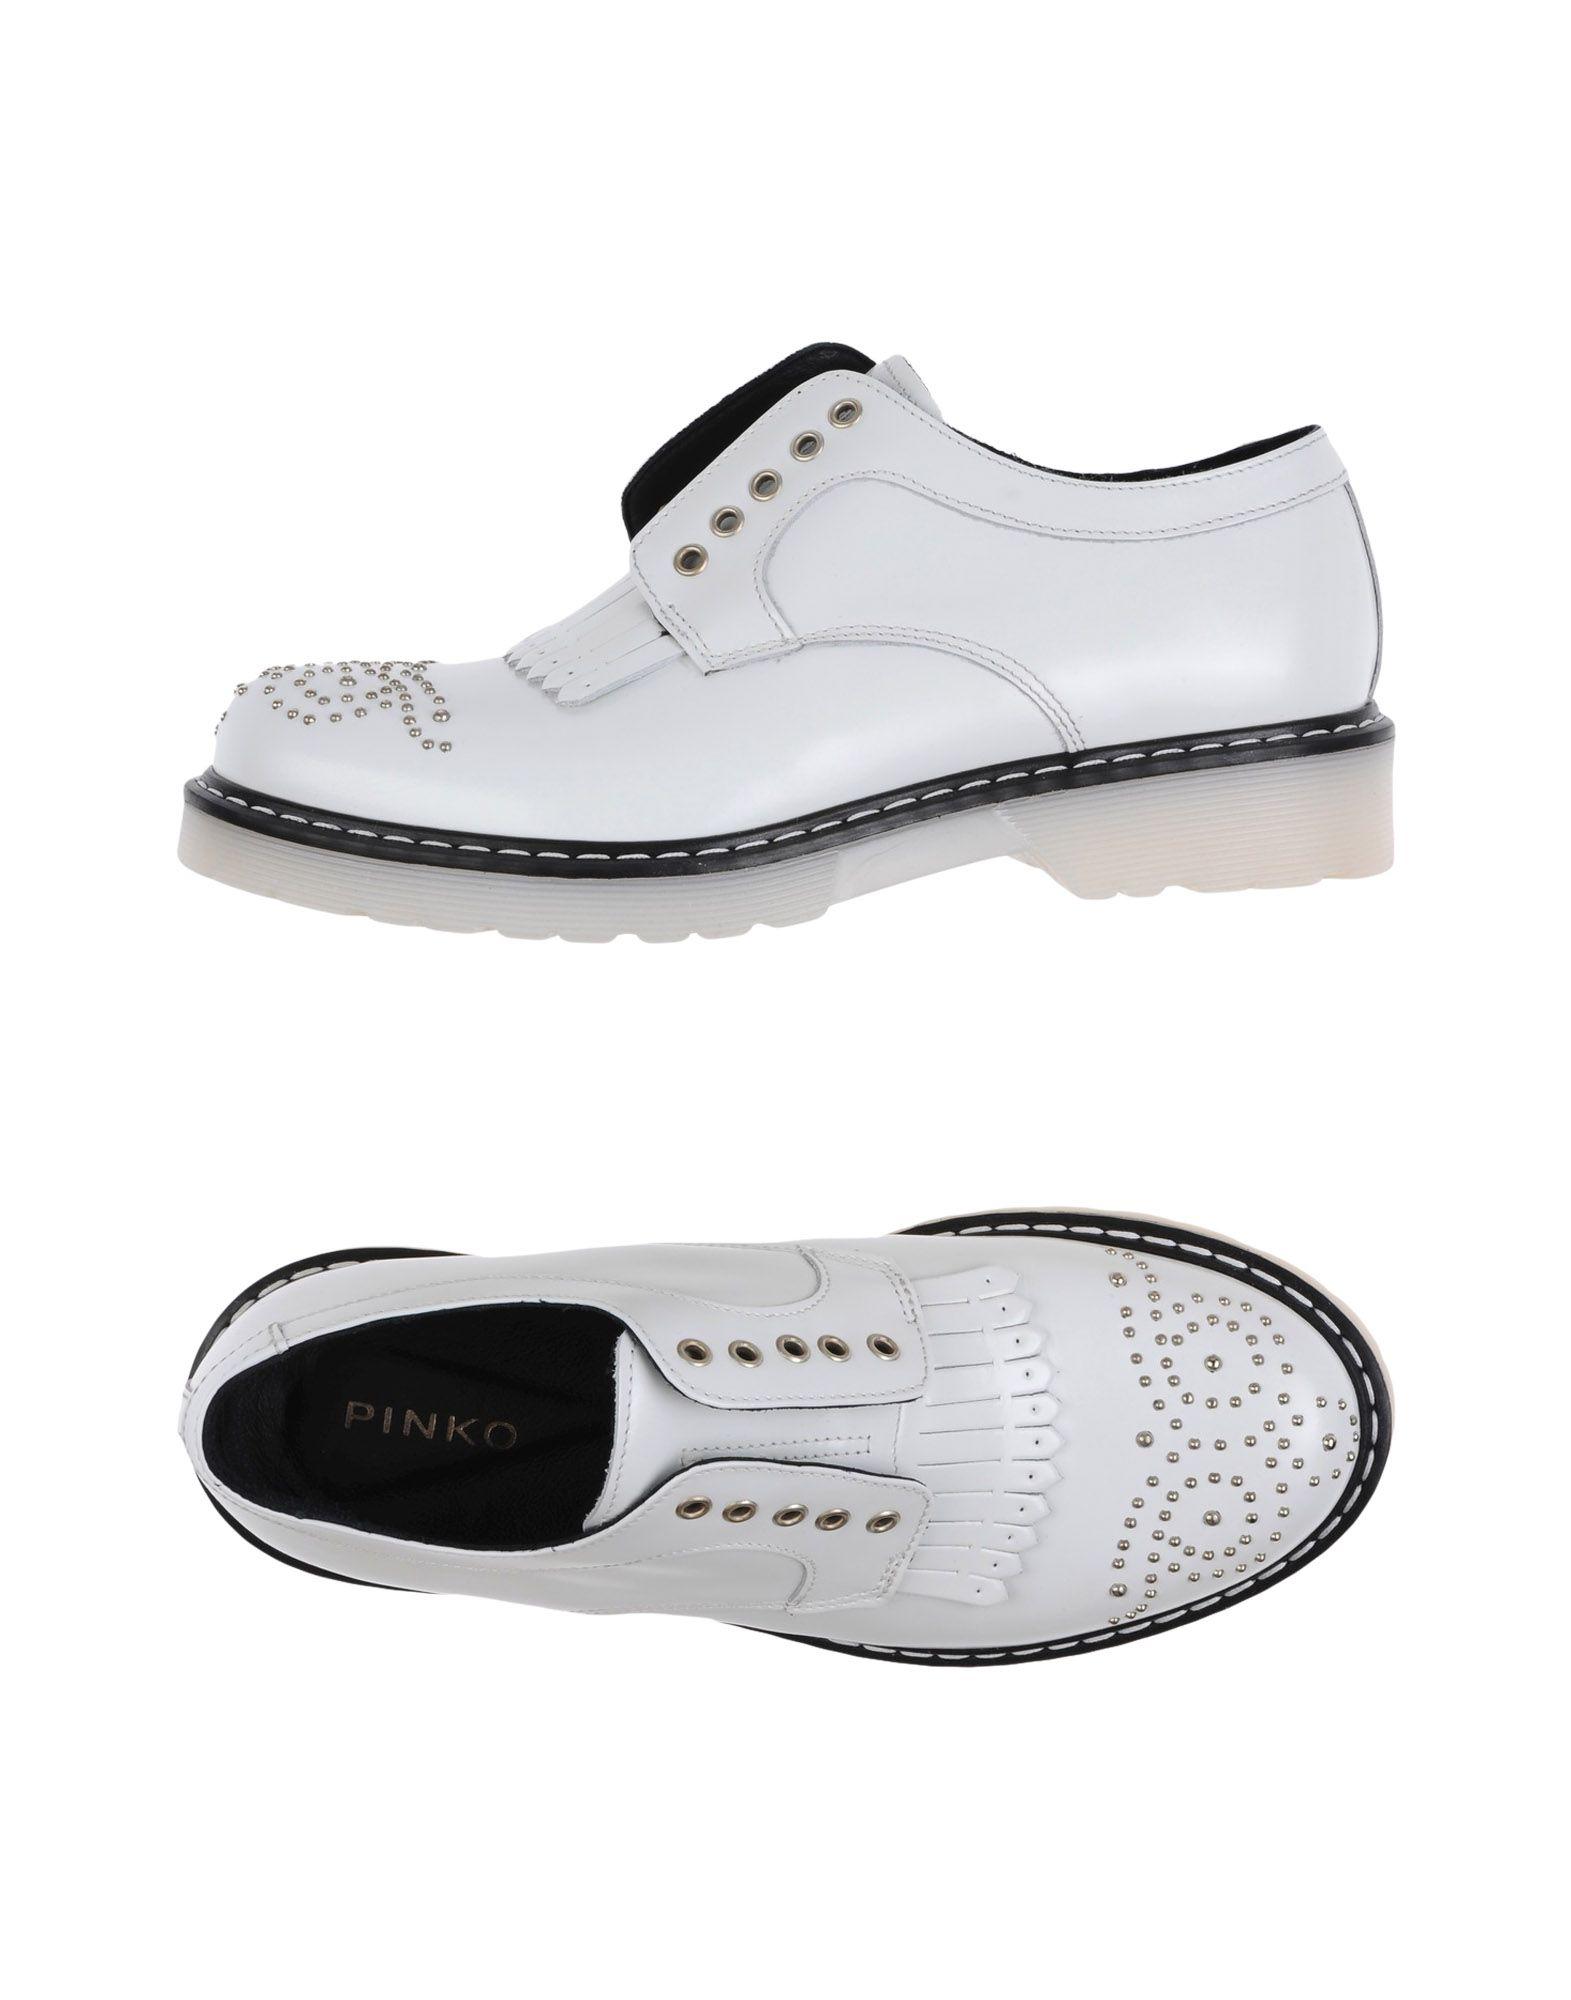 Pinko Mokassins Damen  11284649JK Gute Qualität beliebte Schuhe